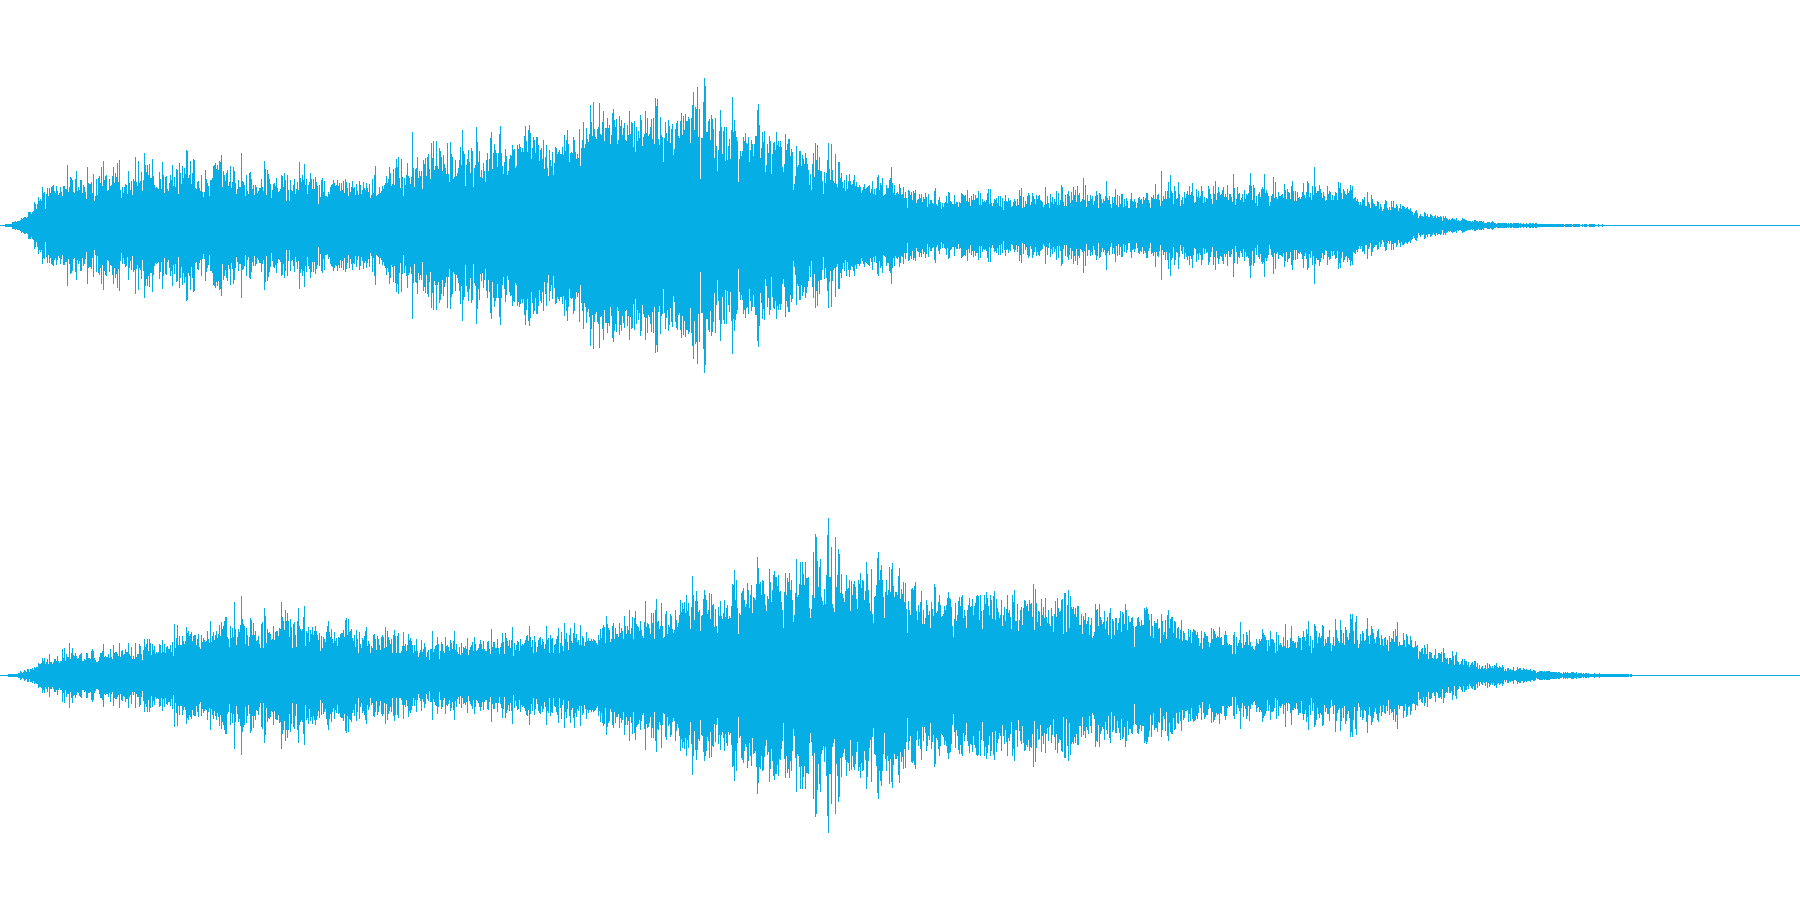 【生録音】 早朝の街 交通 環境音 8の再生済みの波形